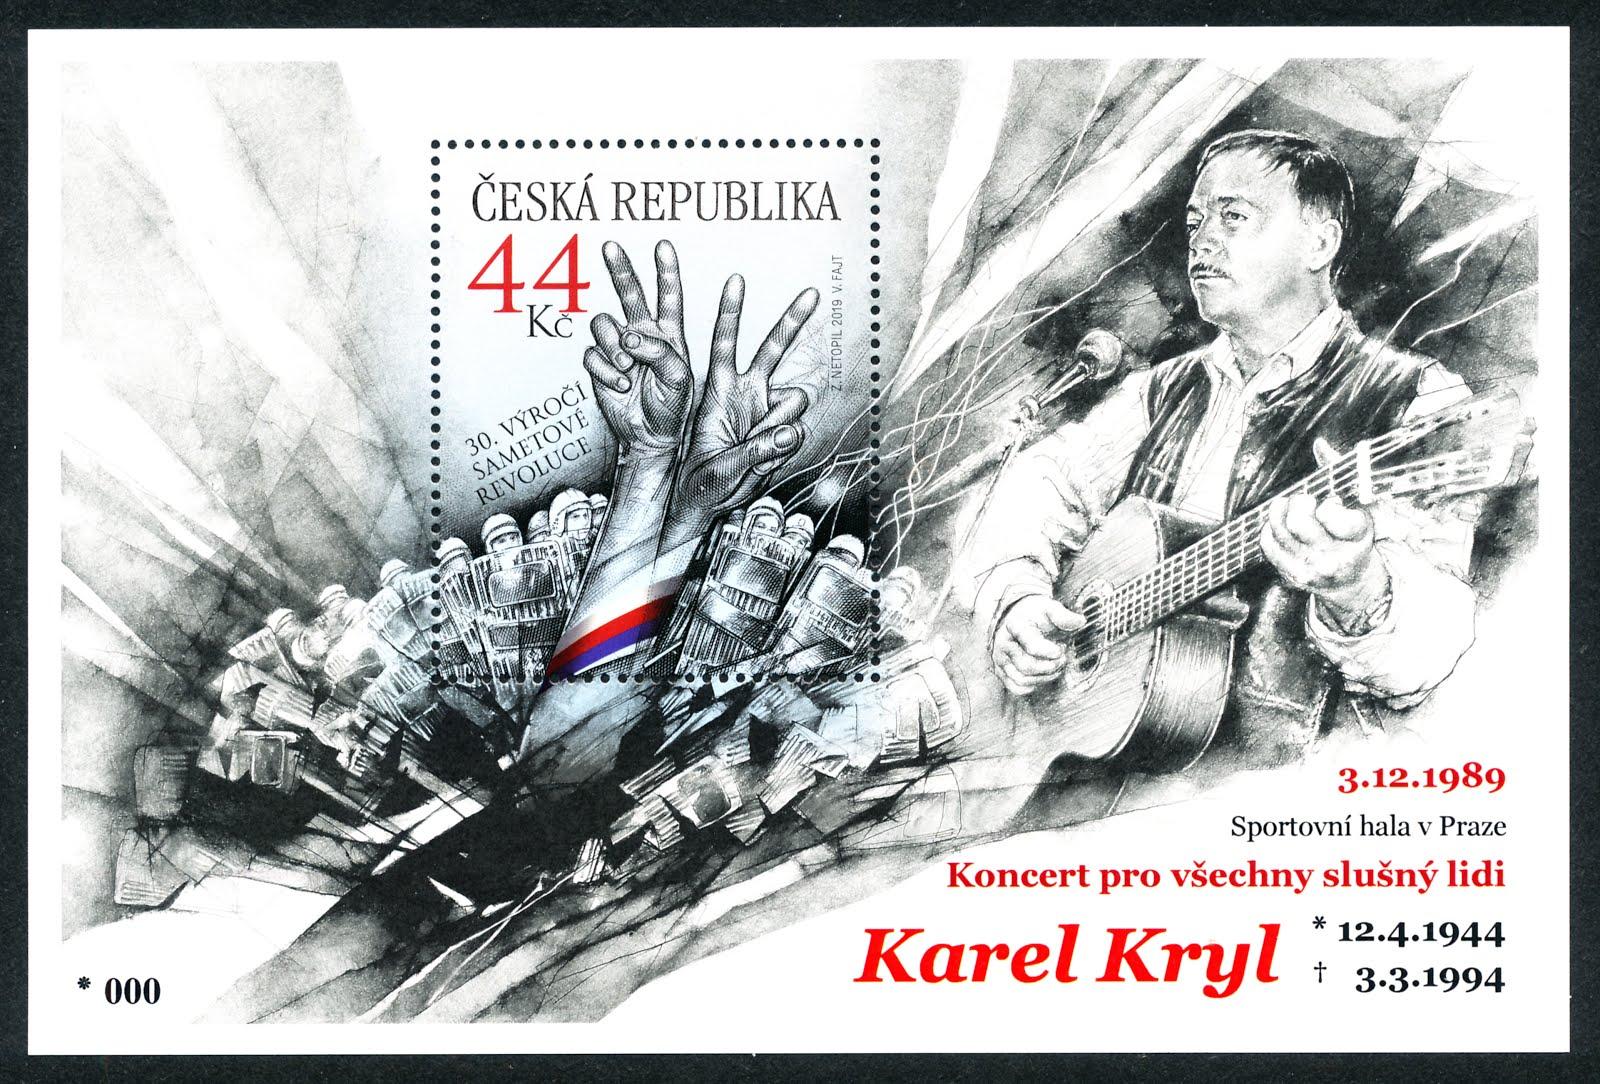 KAREL KRYL (CZ 1051 Aa) speciální pamětní přítisk